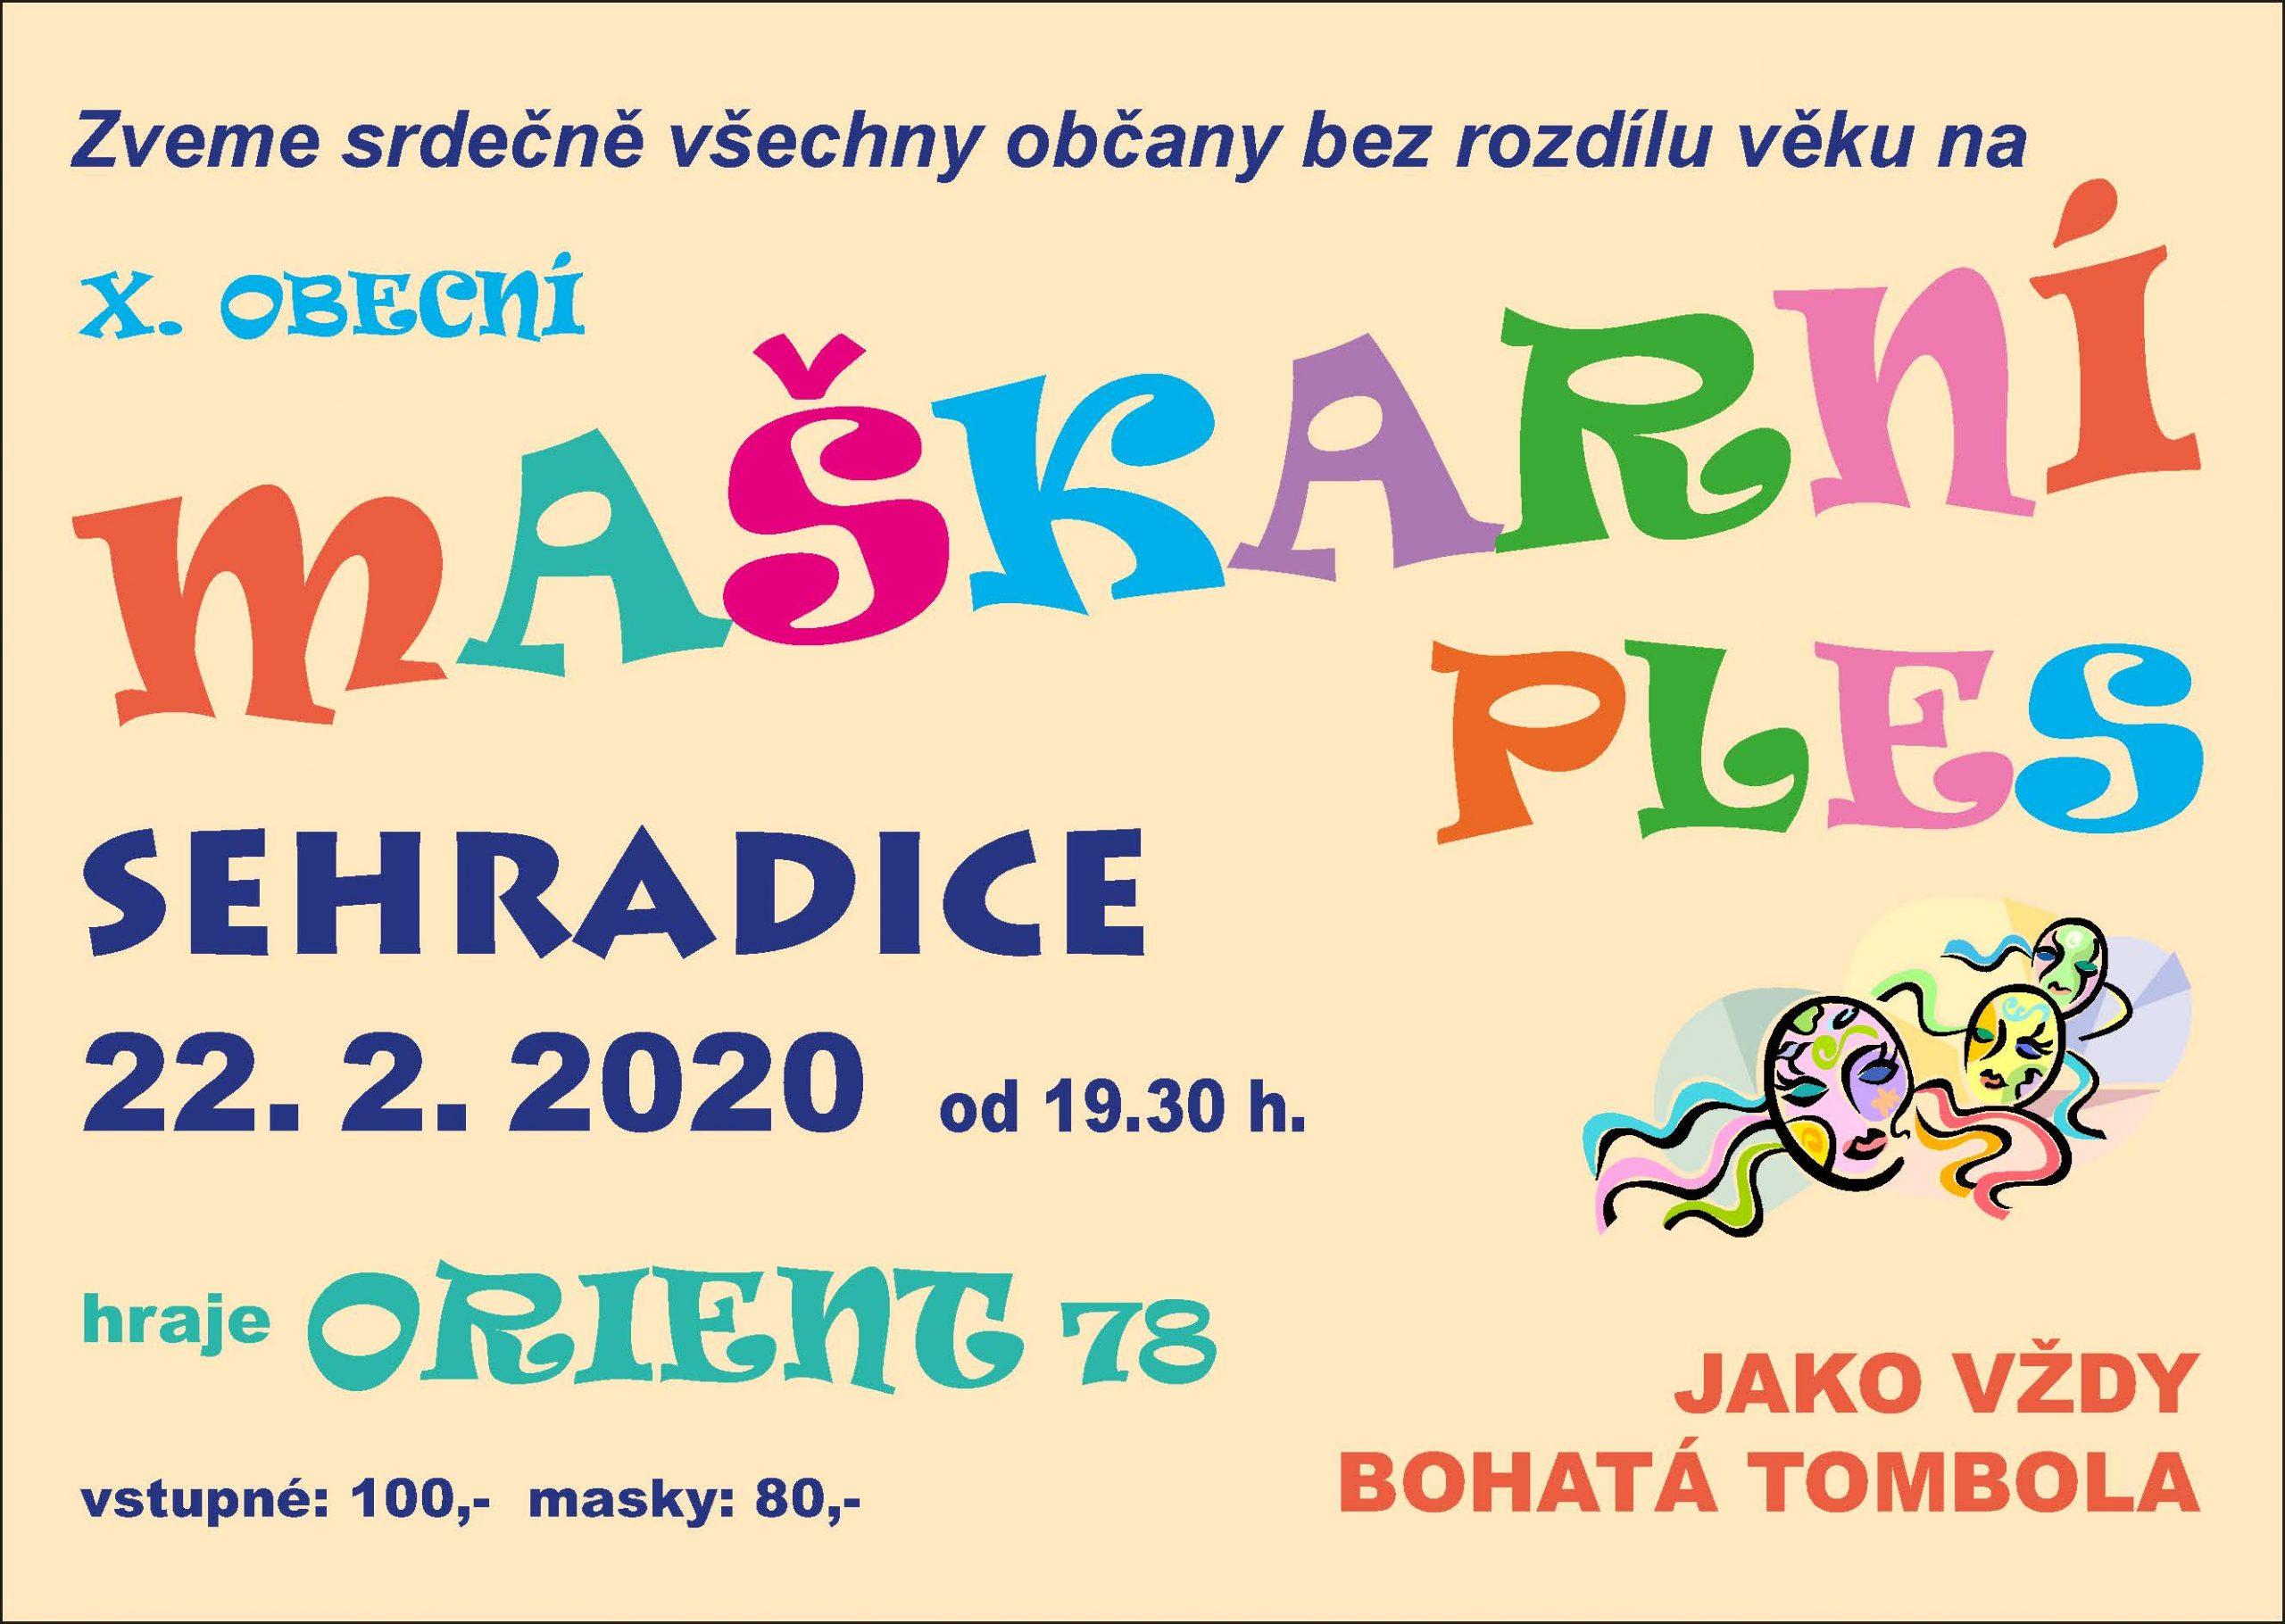 X. Obecní maškarní ples - 22. 2. 2020